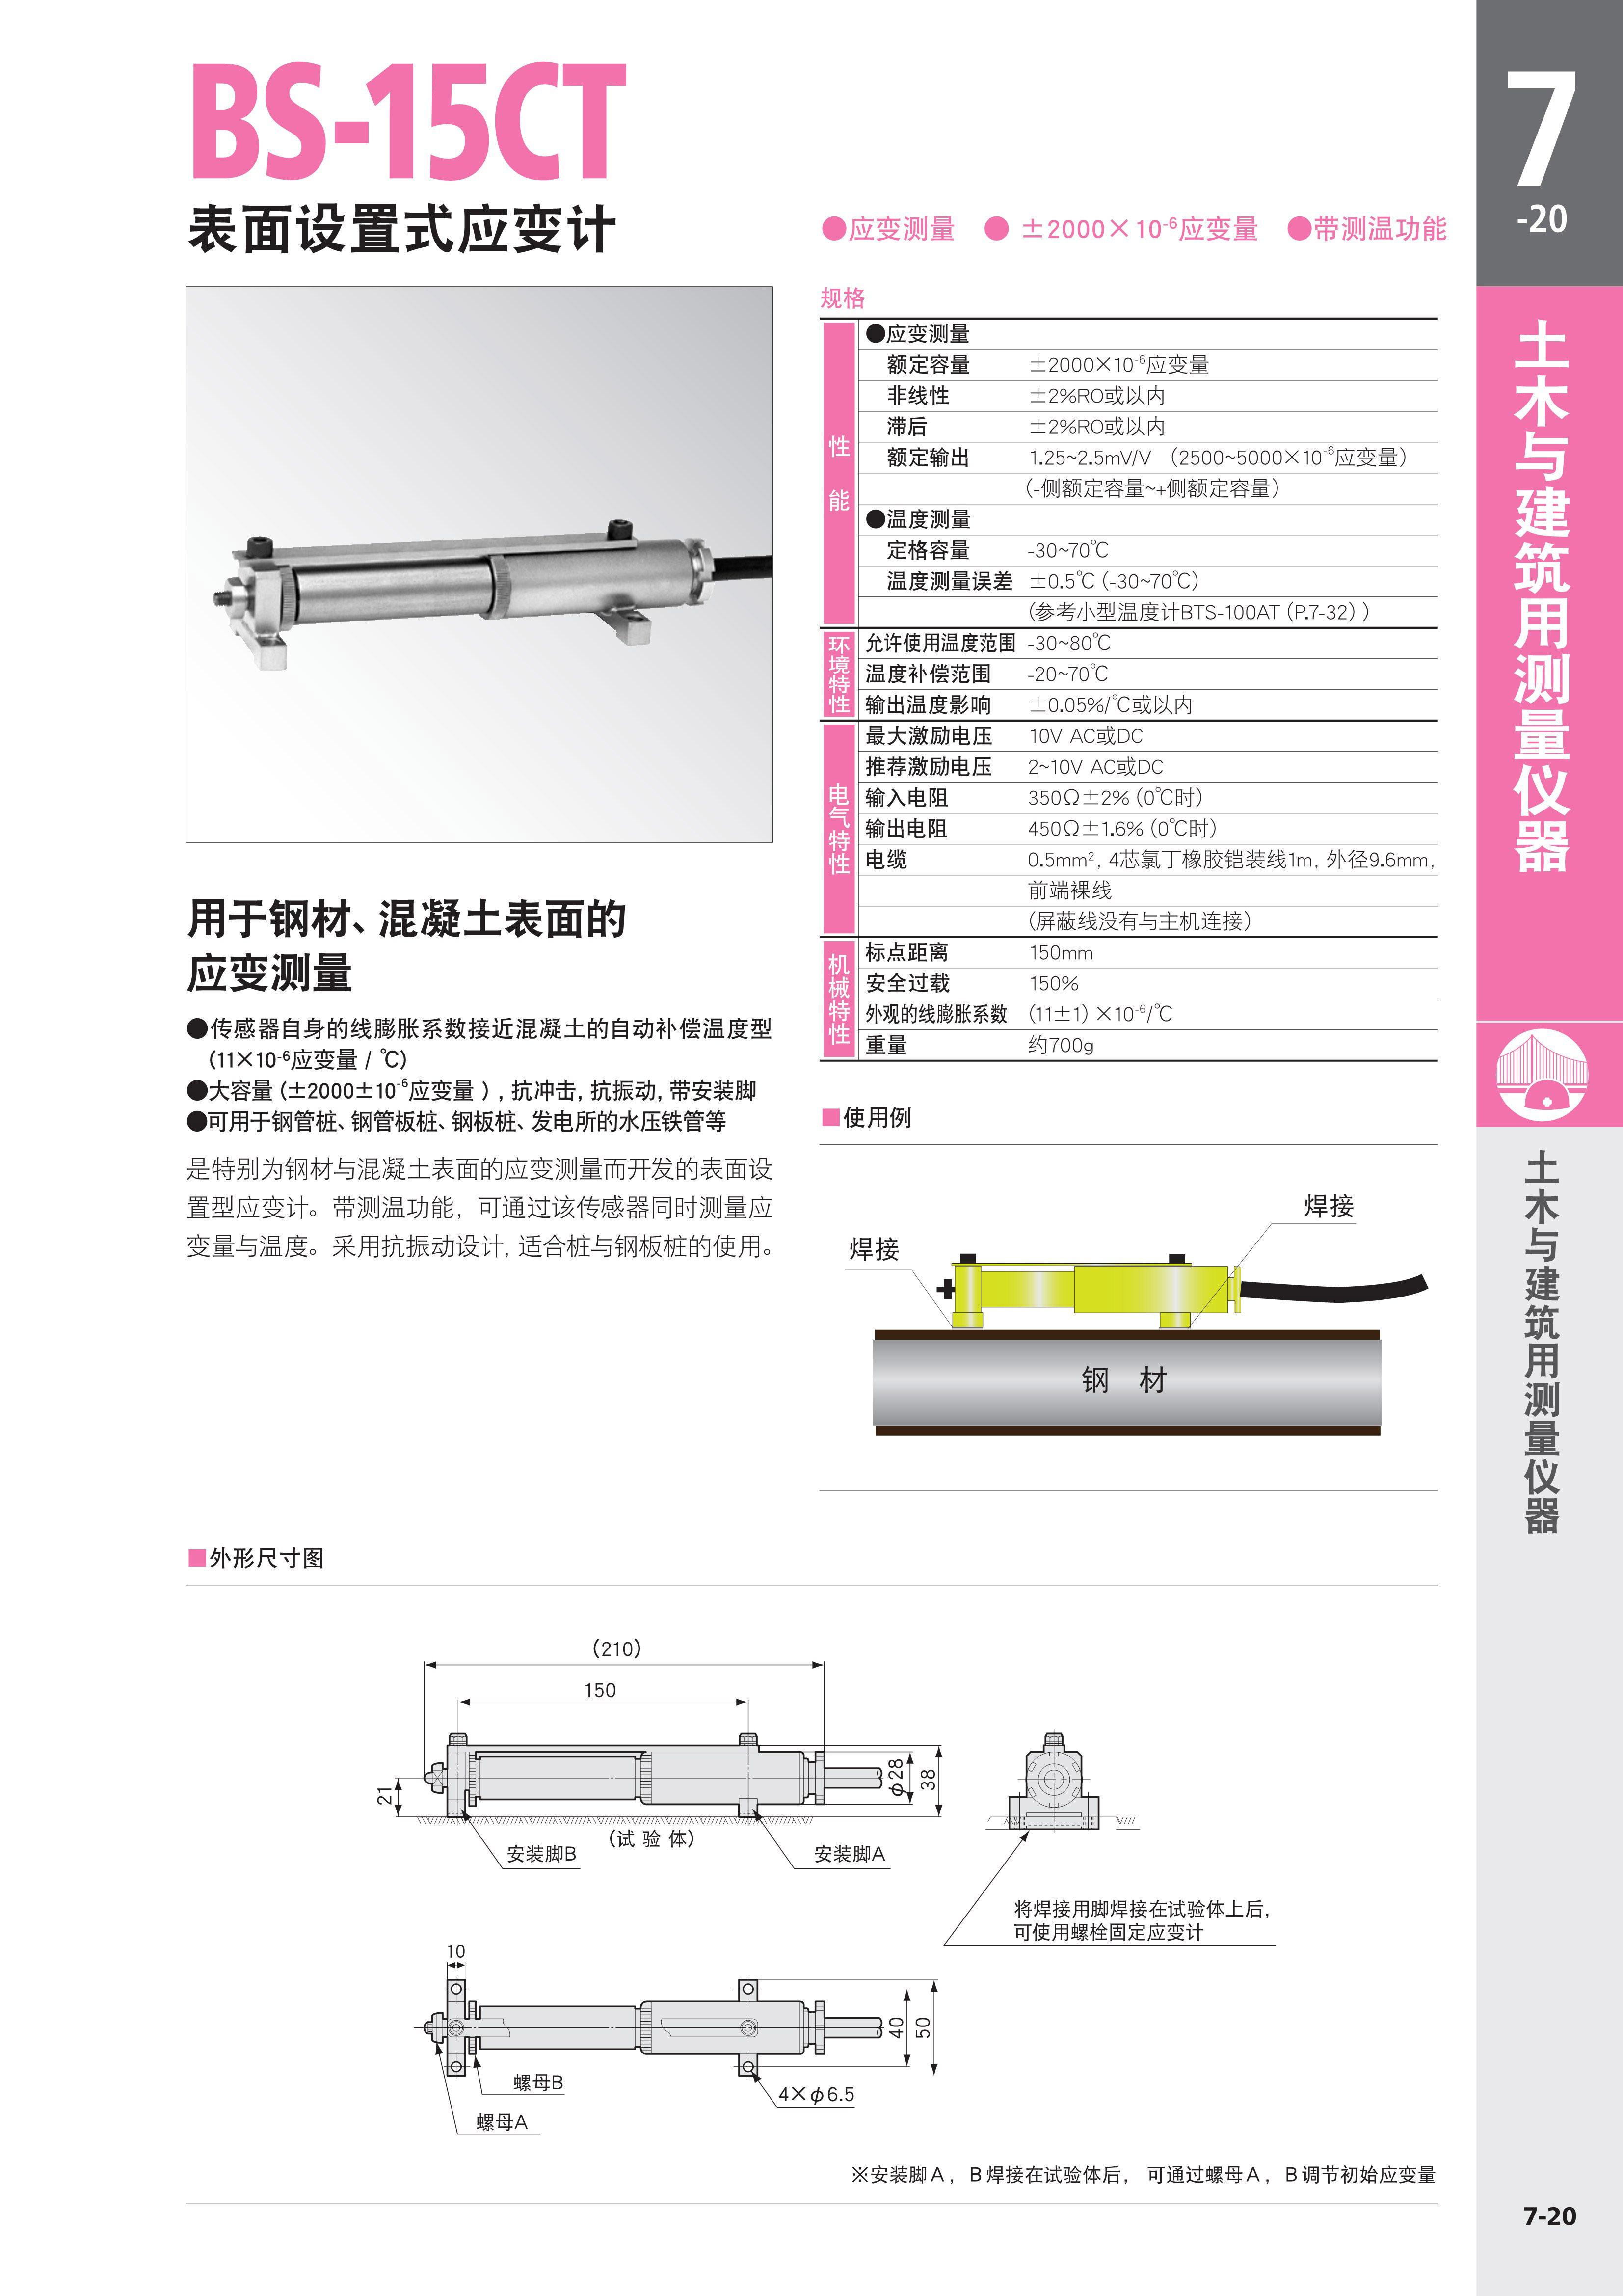 BS-15CT表面设置式应变仪